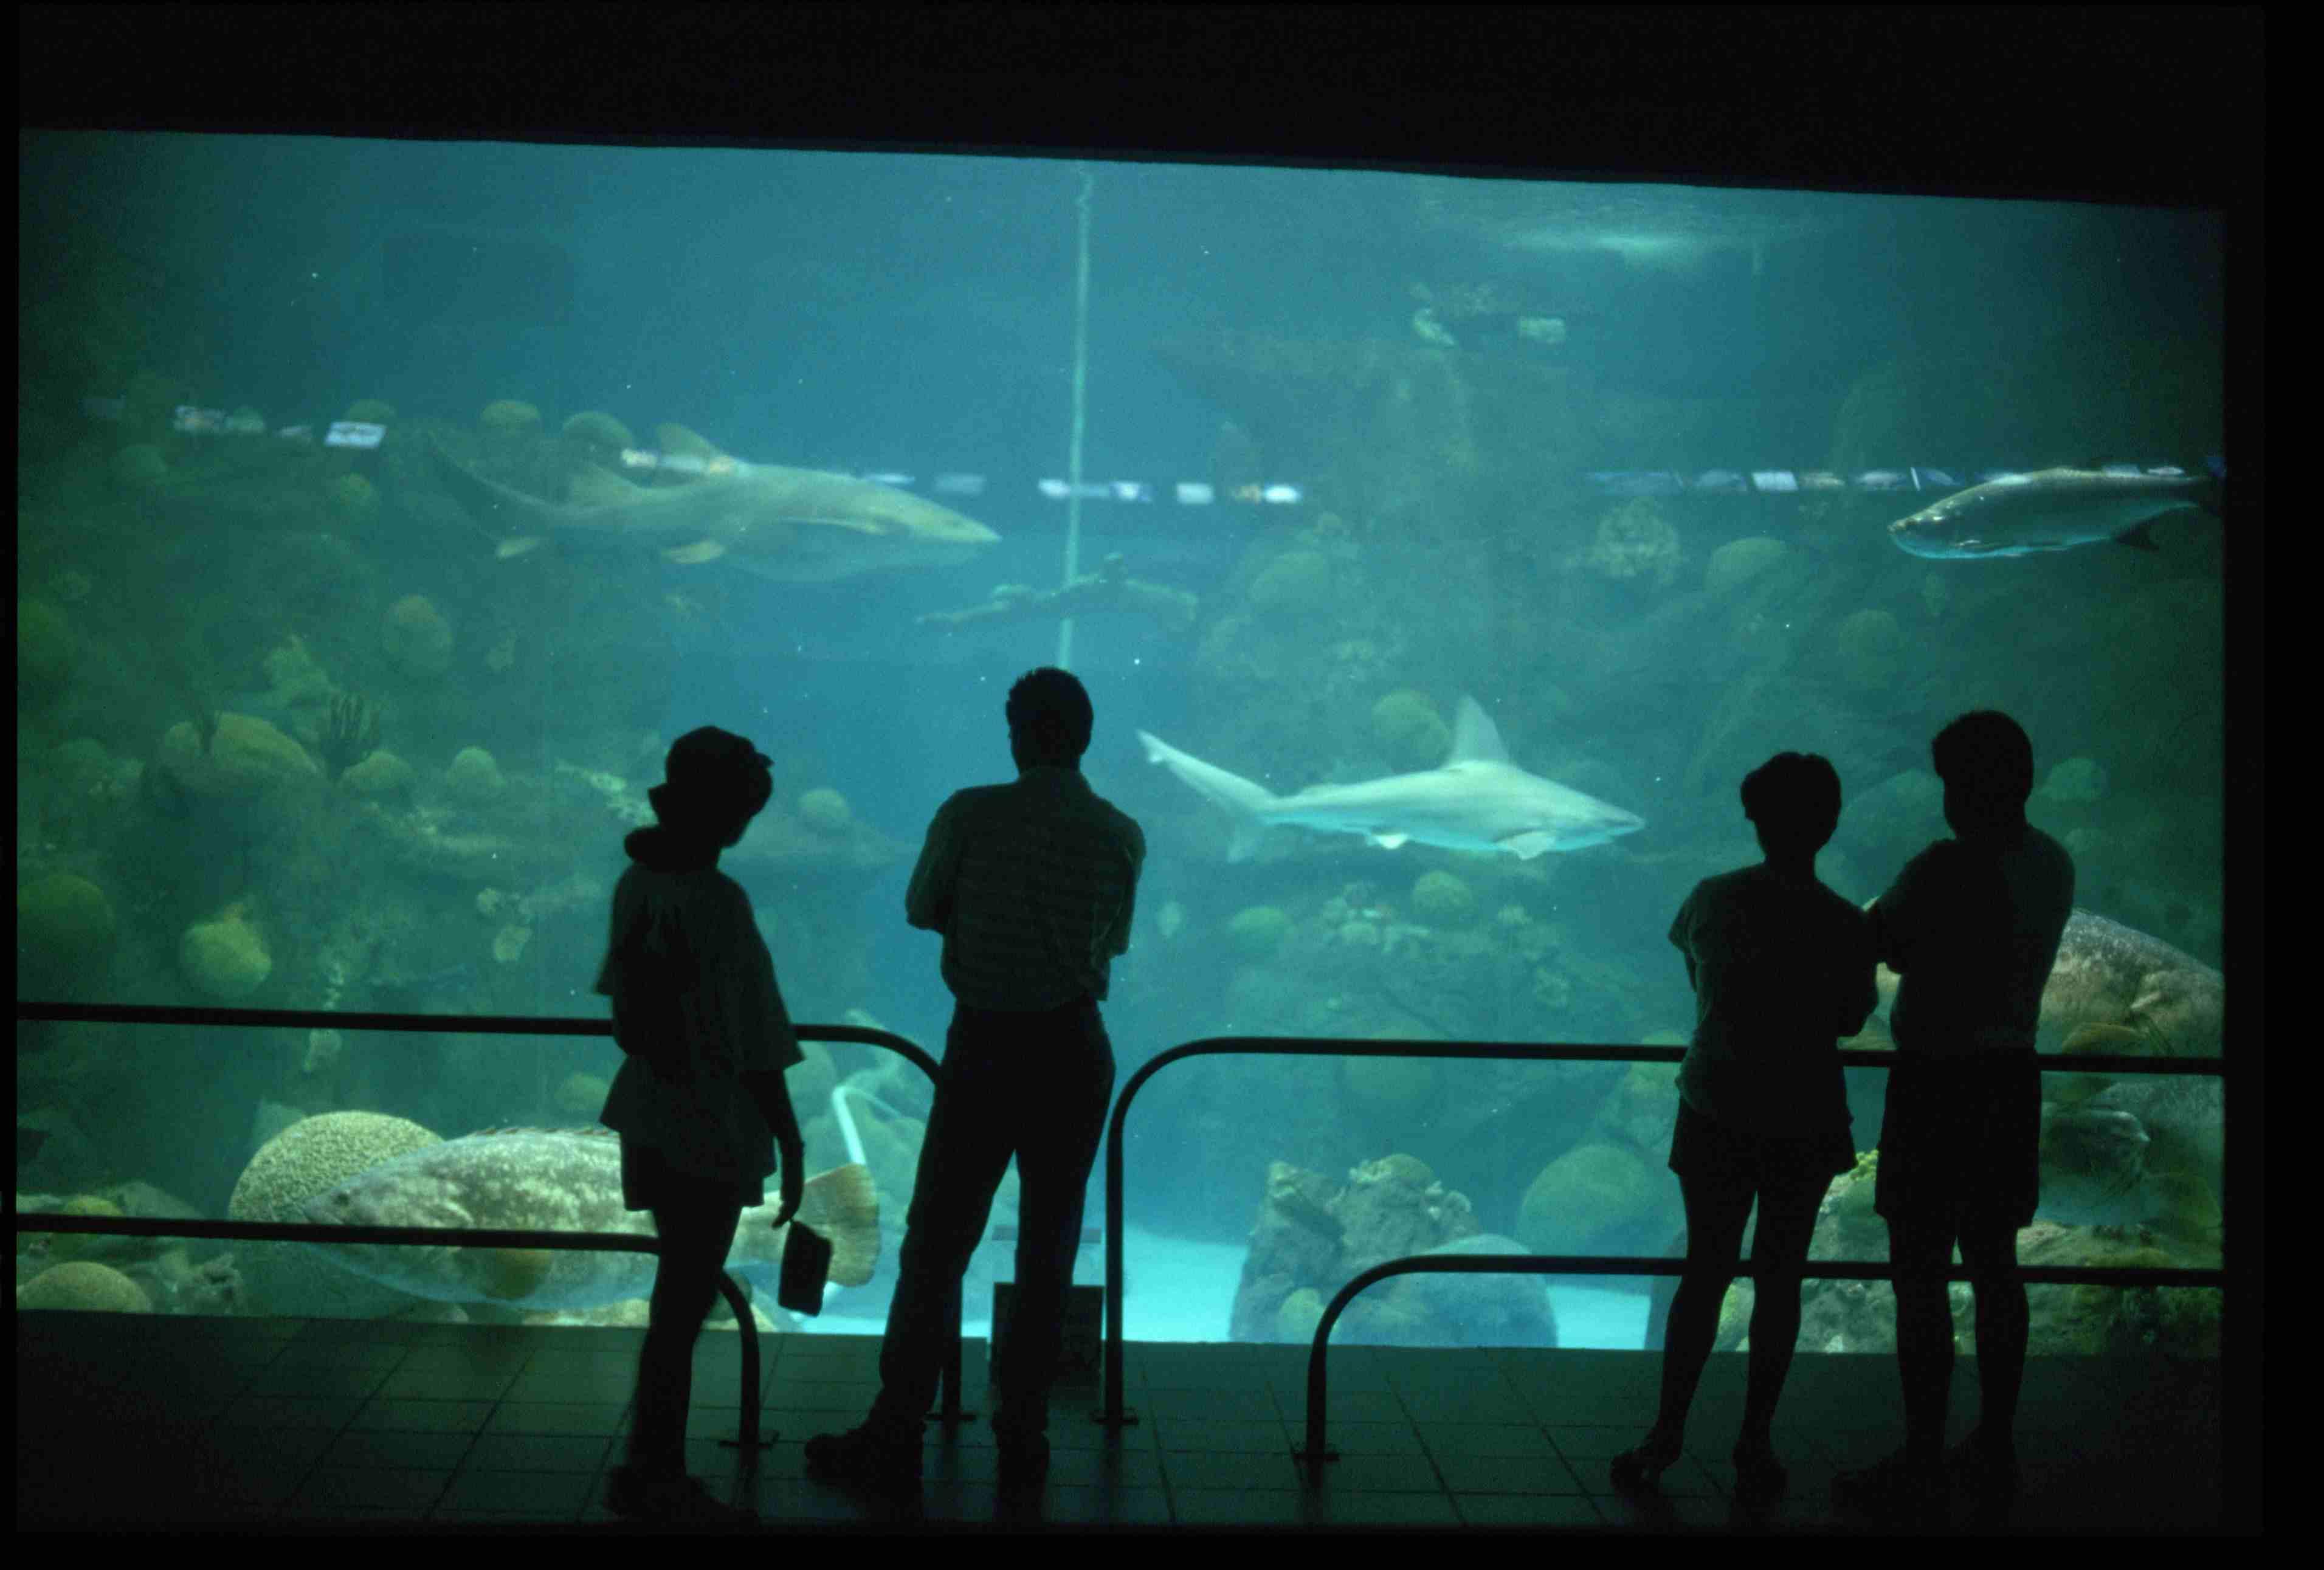 Visitor Silhouettes at the Veracruz Aquarium